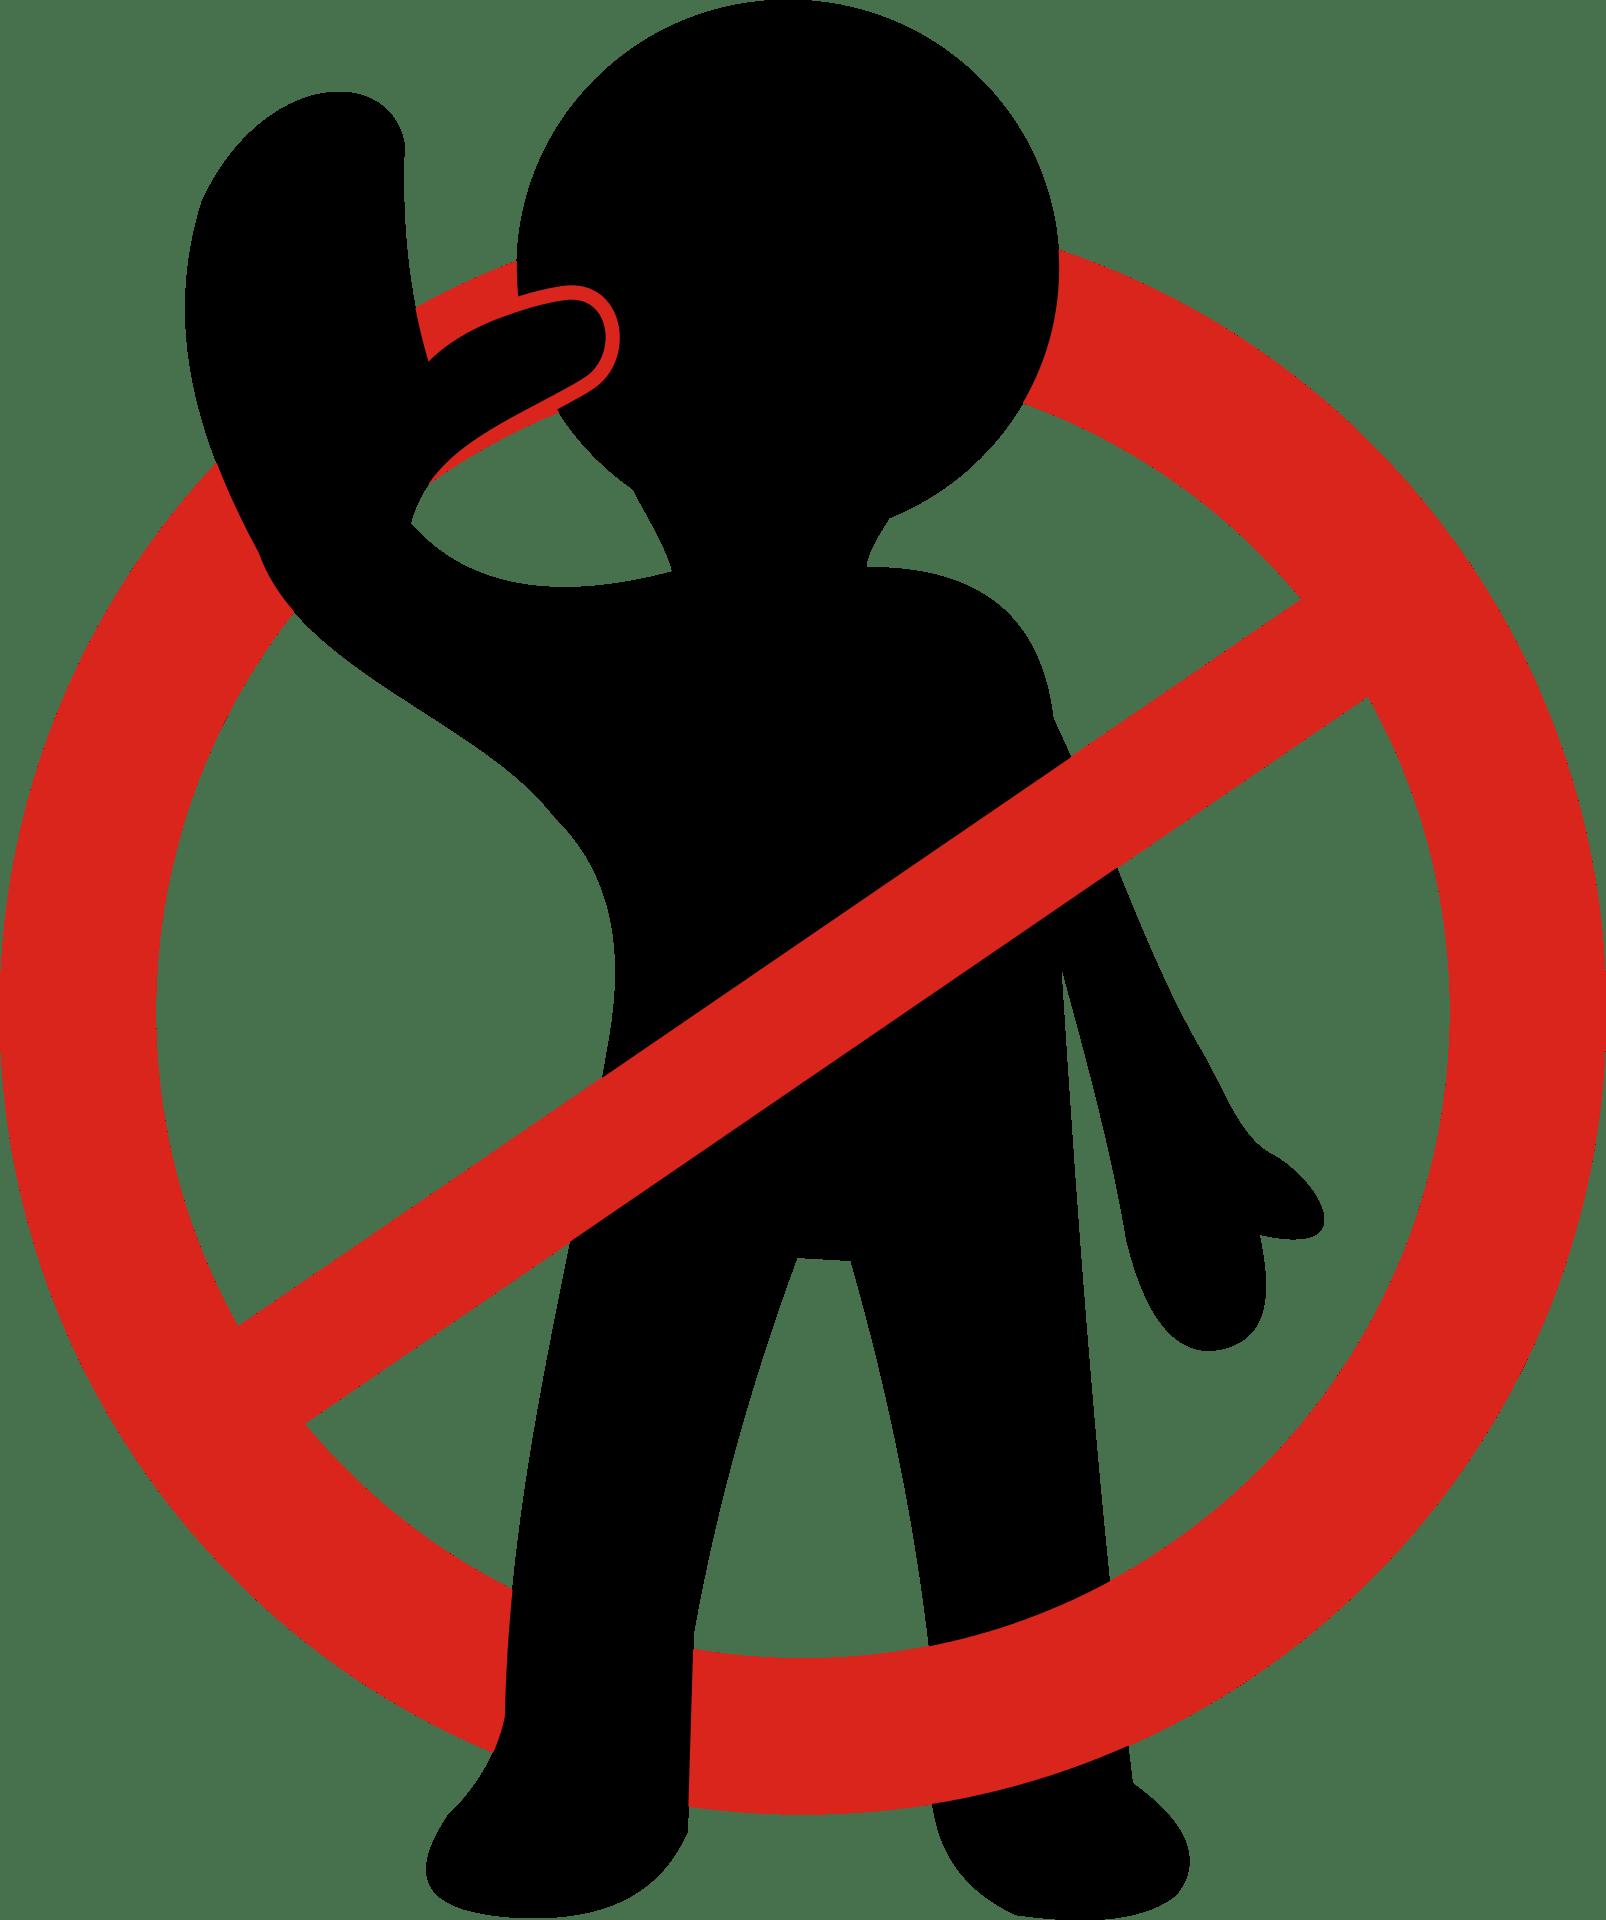 Sperrzeichen mit Dummie, der eine abwehrende Geste macht, als Symbol für abwehrende Gedanken